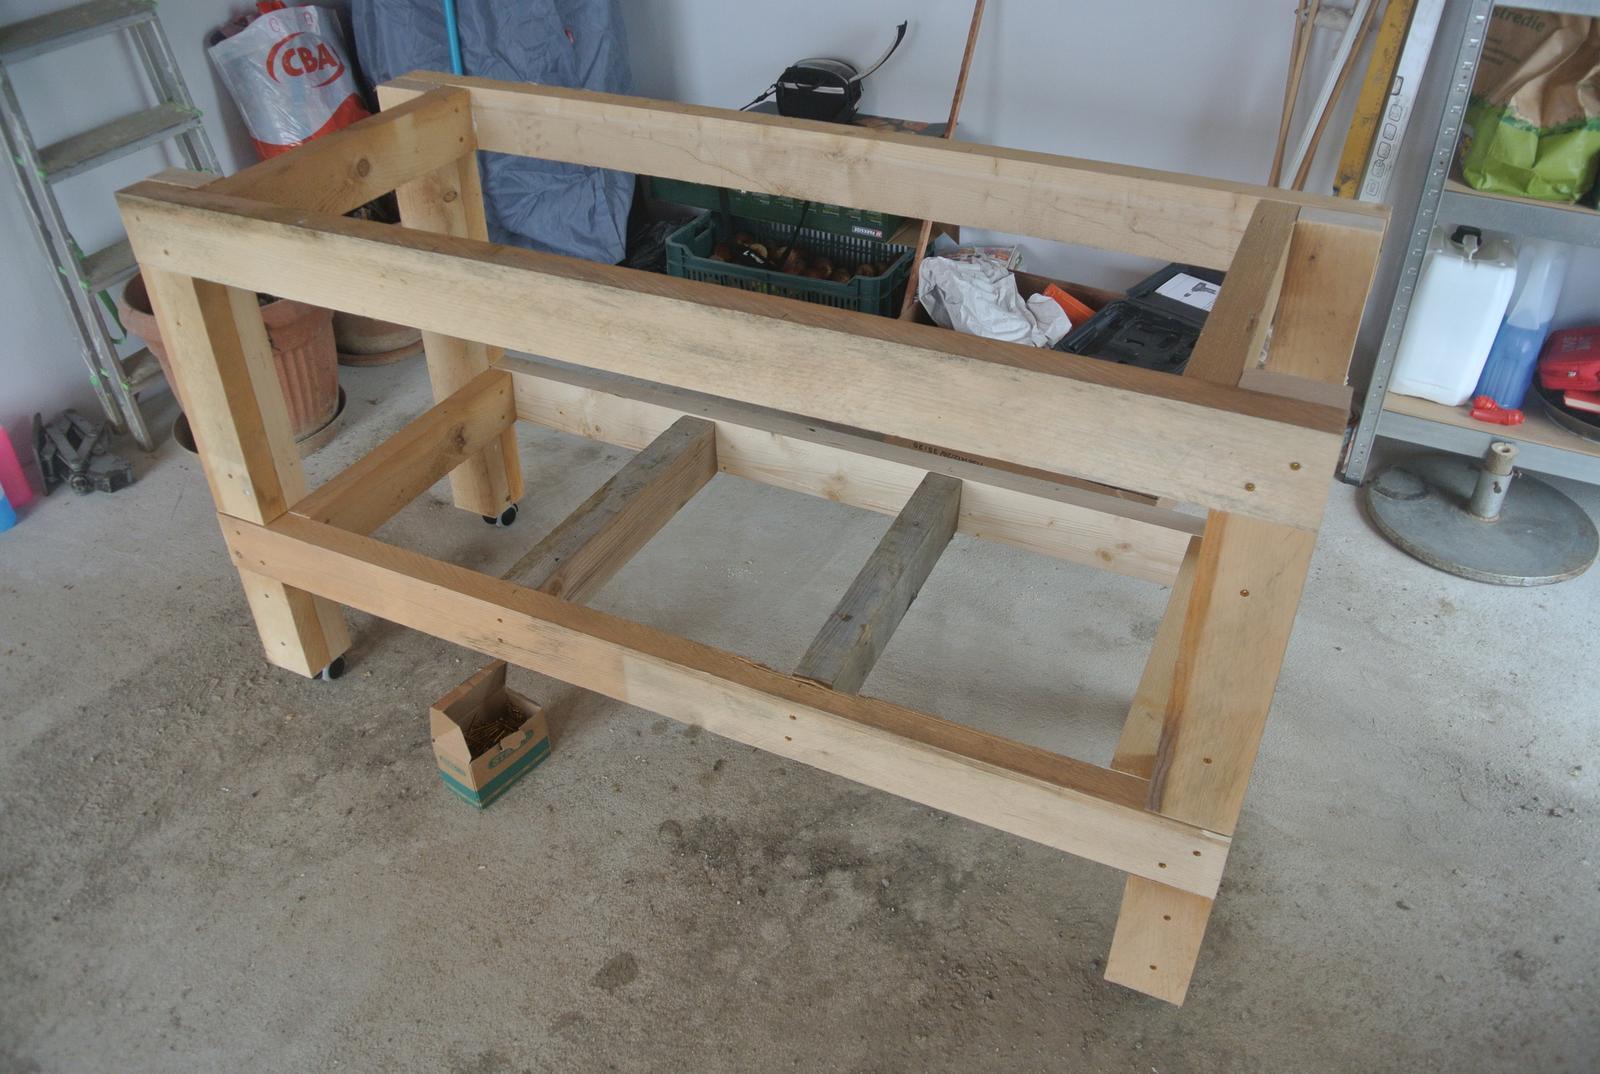 Moje tvorenie z dreva - Keďže na vrch sa chystám recyklovať starú pracovnú dosku z kuchyne, tak rozmery 150x60cm, s doskou bude 160x60. Tak sa mi akurát vojde do garáže medzi dva regály. Kolieska nesmú chýbať, aby bol po garáži voľne pohyblivý.